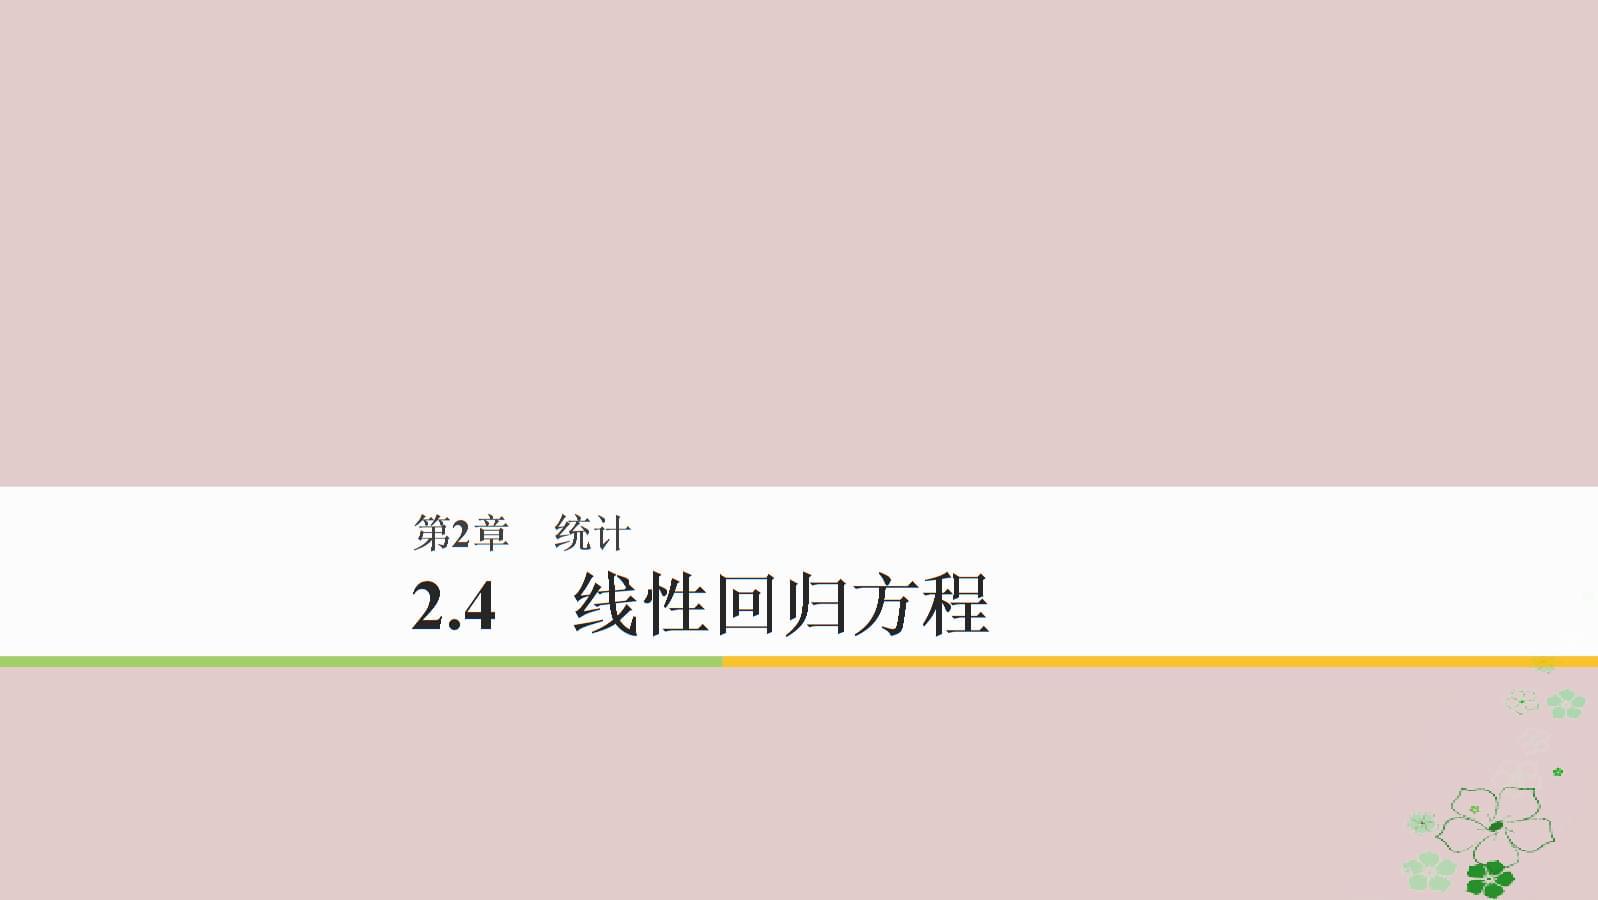 18-19版高中数学 第二章 统计 2.4 线性回归方程.ppt